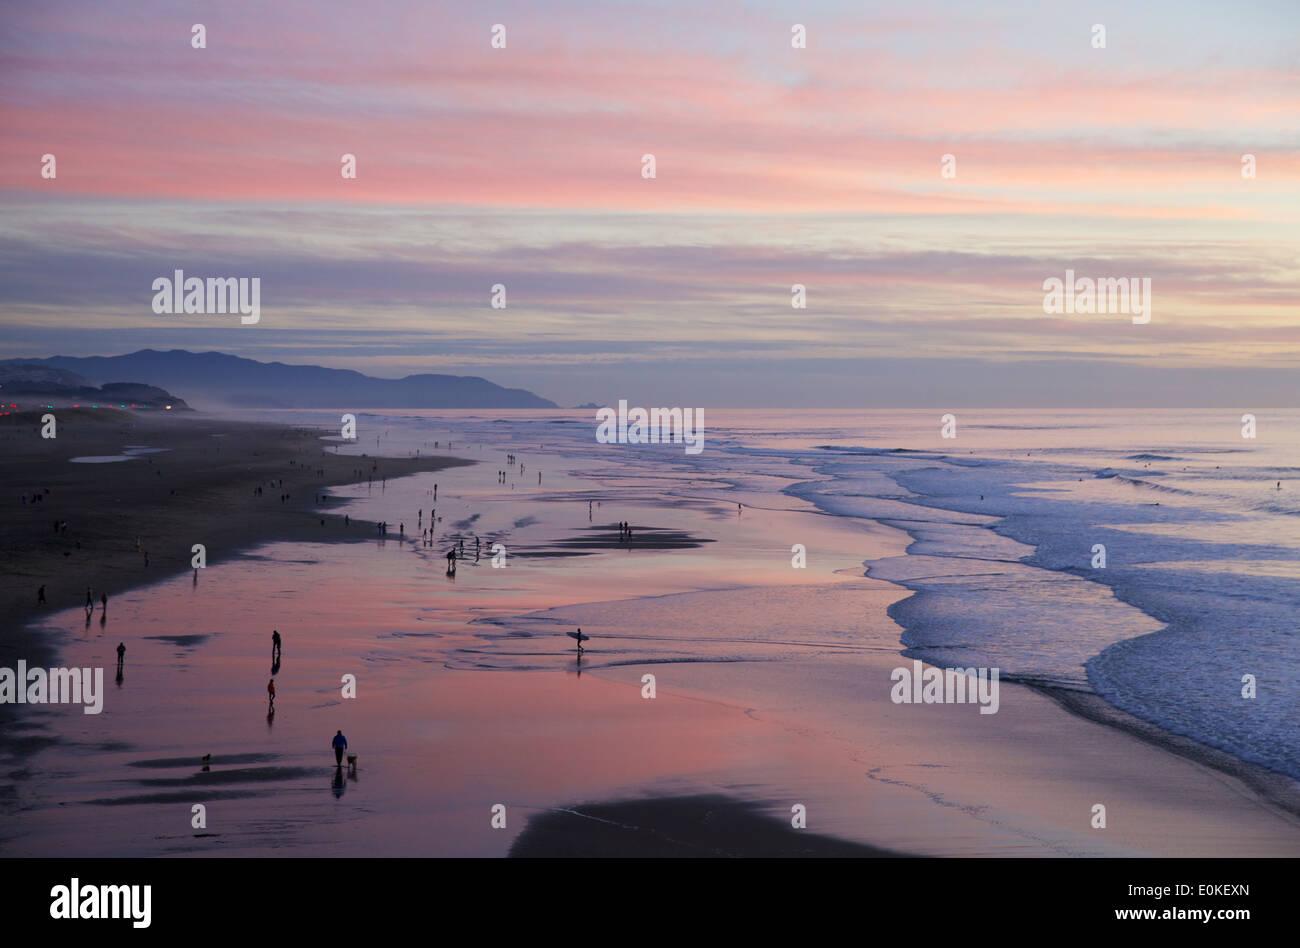 Menschen zu Fuß entlang der Küste sind gegen einen genialen Sonnenuntergang mit Farben blau, rosa und Stockbild